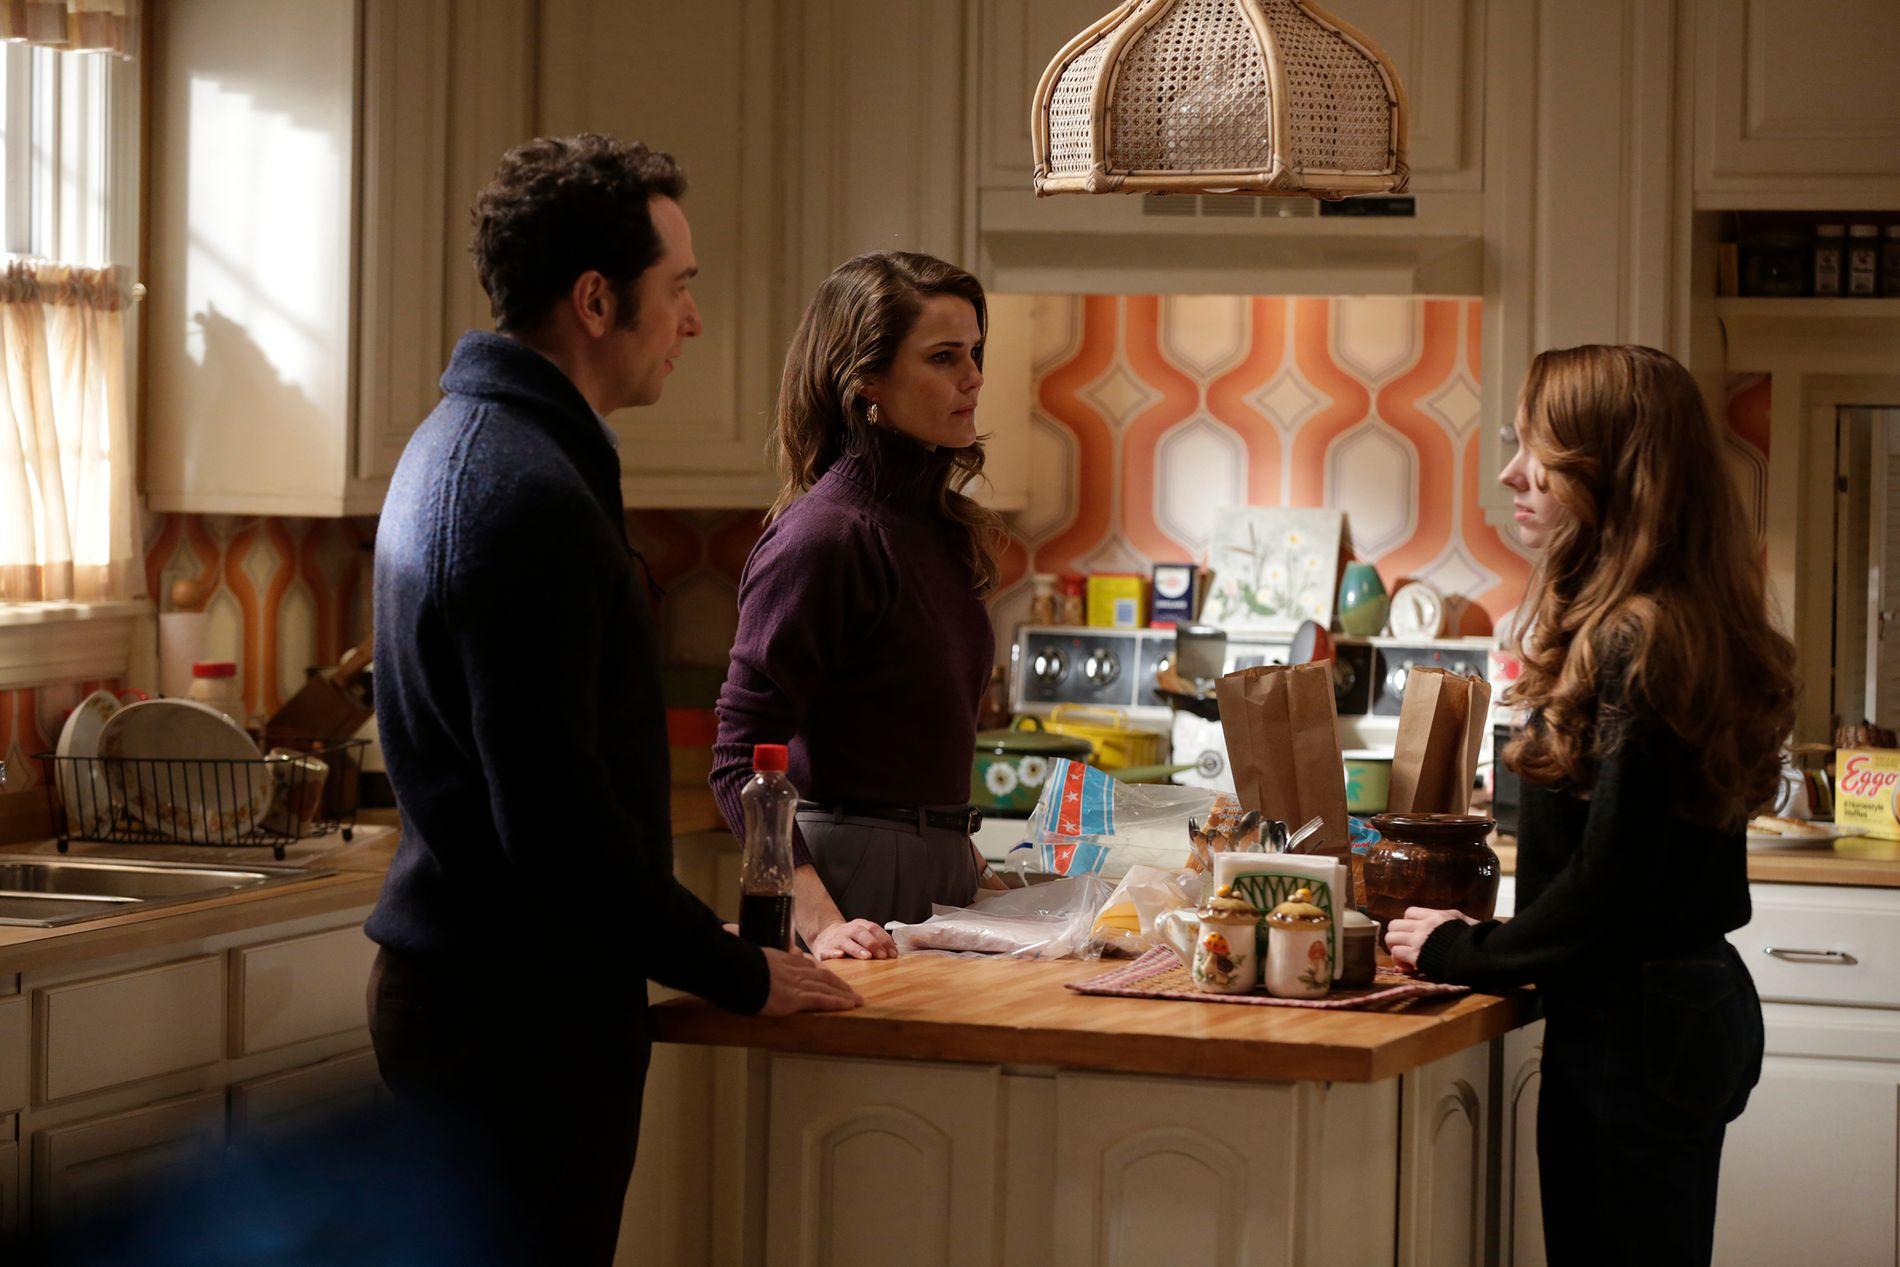 FAMILIETRØBBEL: Matthew Rhys som Philip, Keri Russell som Elizabeth og Holly Taylor som Paige i «The Americans». Bildet er fra slutten av sesong 3.